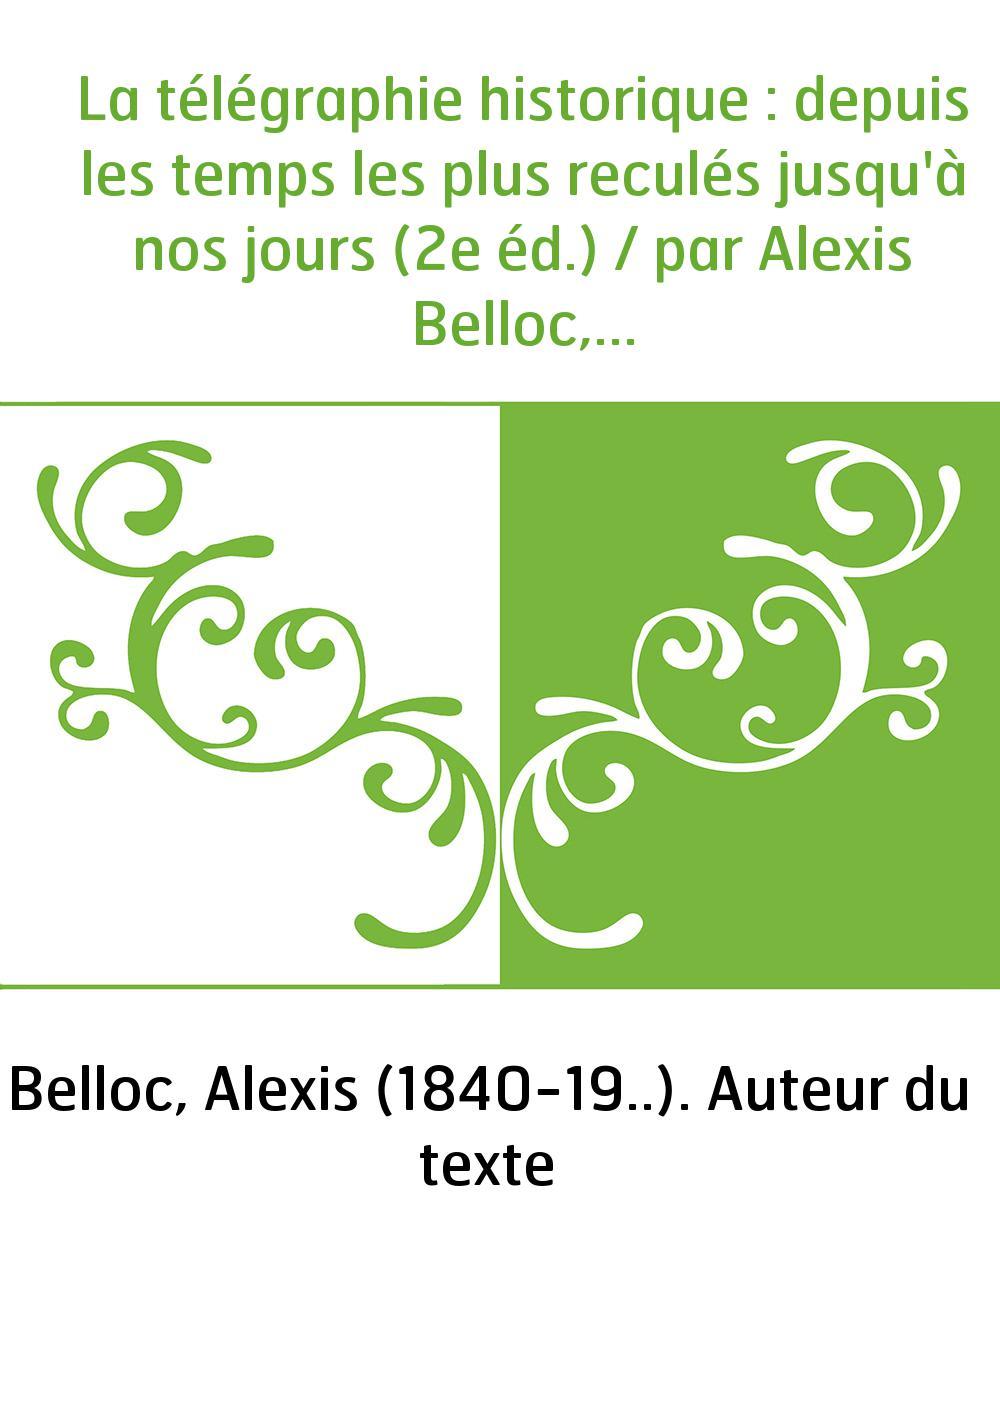 La télégraphie historique : depuis les temps les plus reculés jusqu'à nos jours (2e éd.) / par Alexis Belloc,...